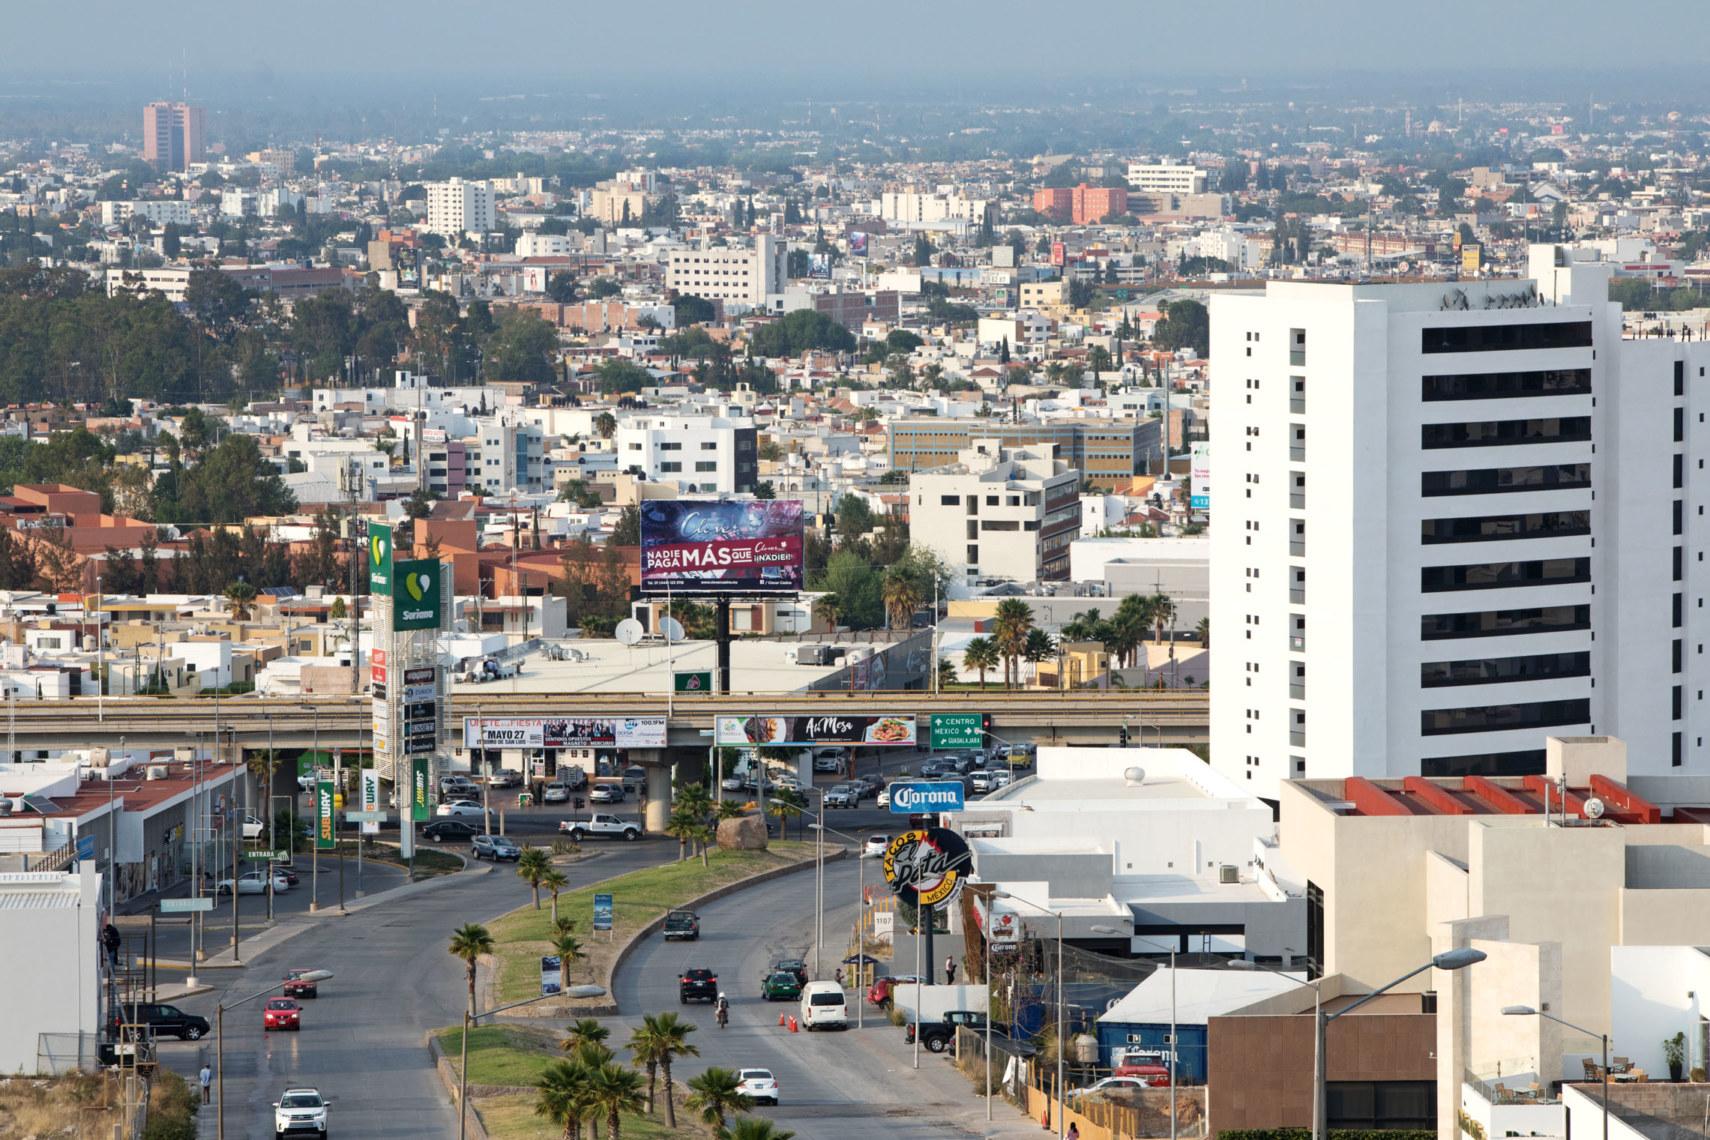 San Luis Potosí zieht Unternehmen aus der ganzen Welt an.